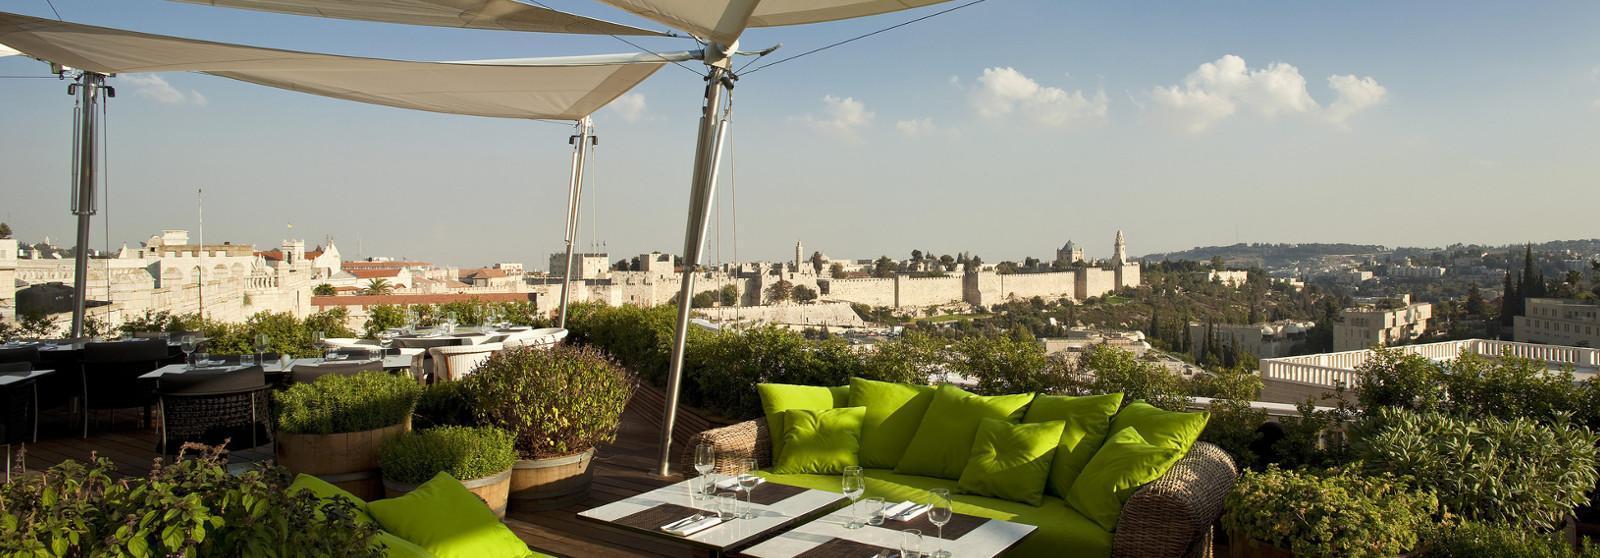 《悦游》读者之选耶路撒冷最佳酒店 酒店  www.lhw.cn